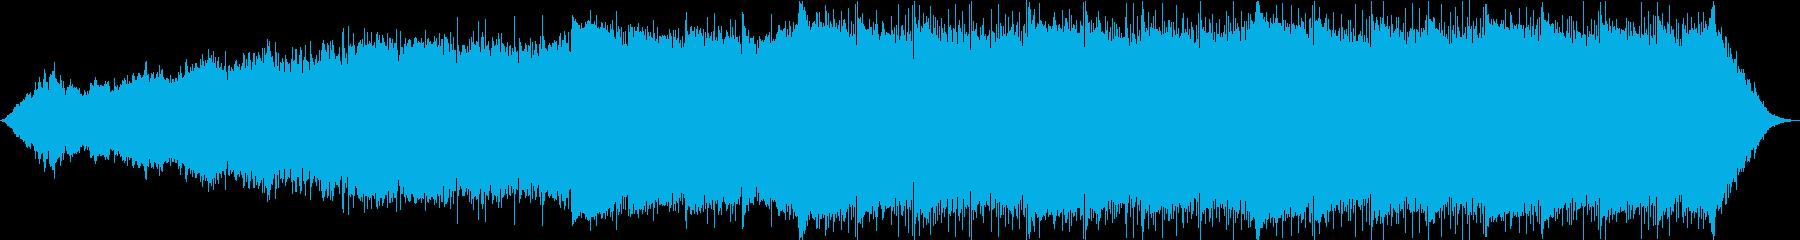 実験的な抽象的なトラックの再生済みの波形